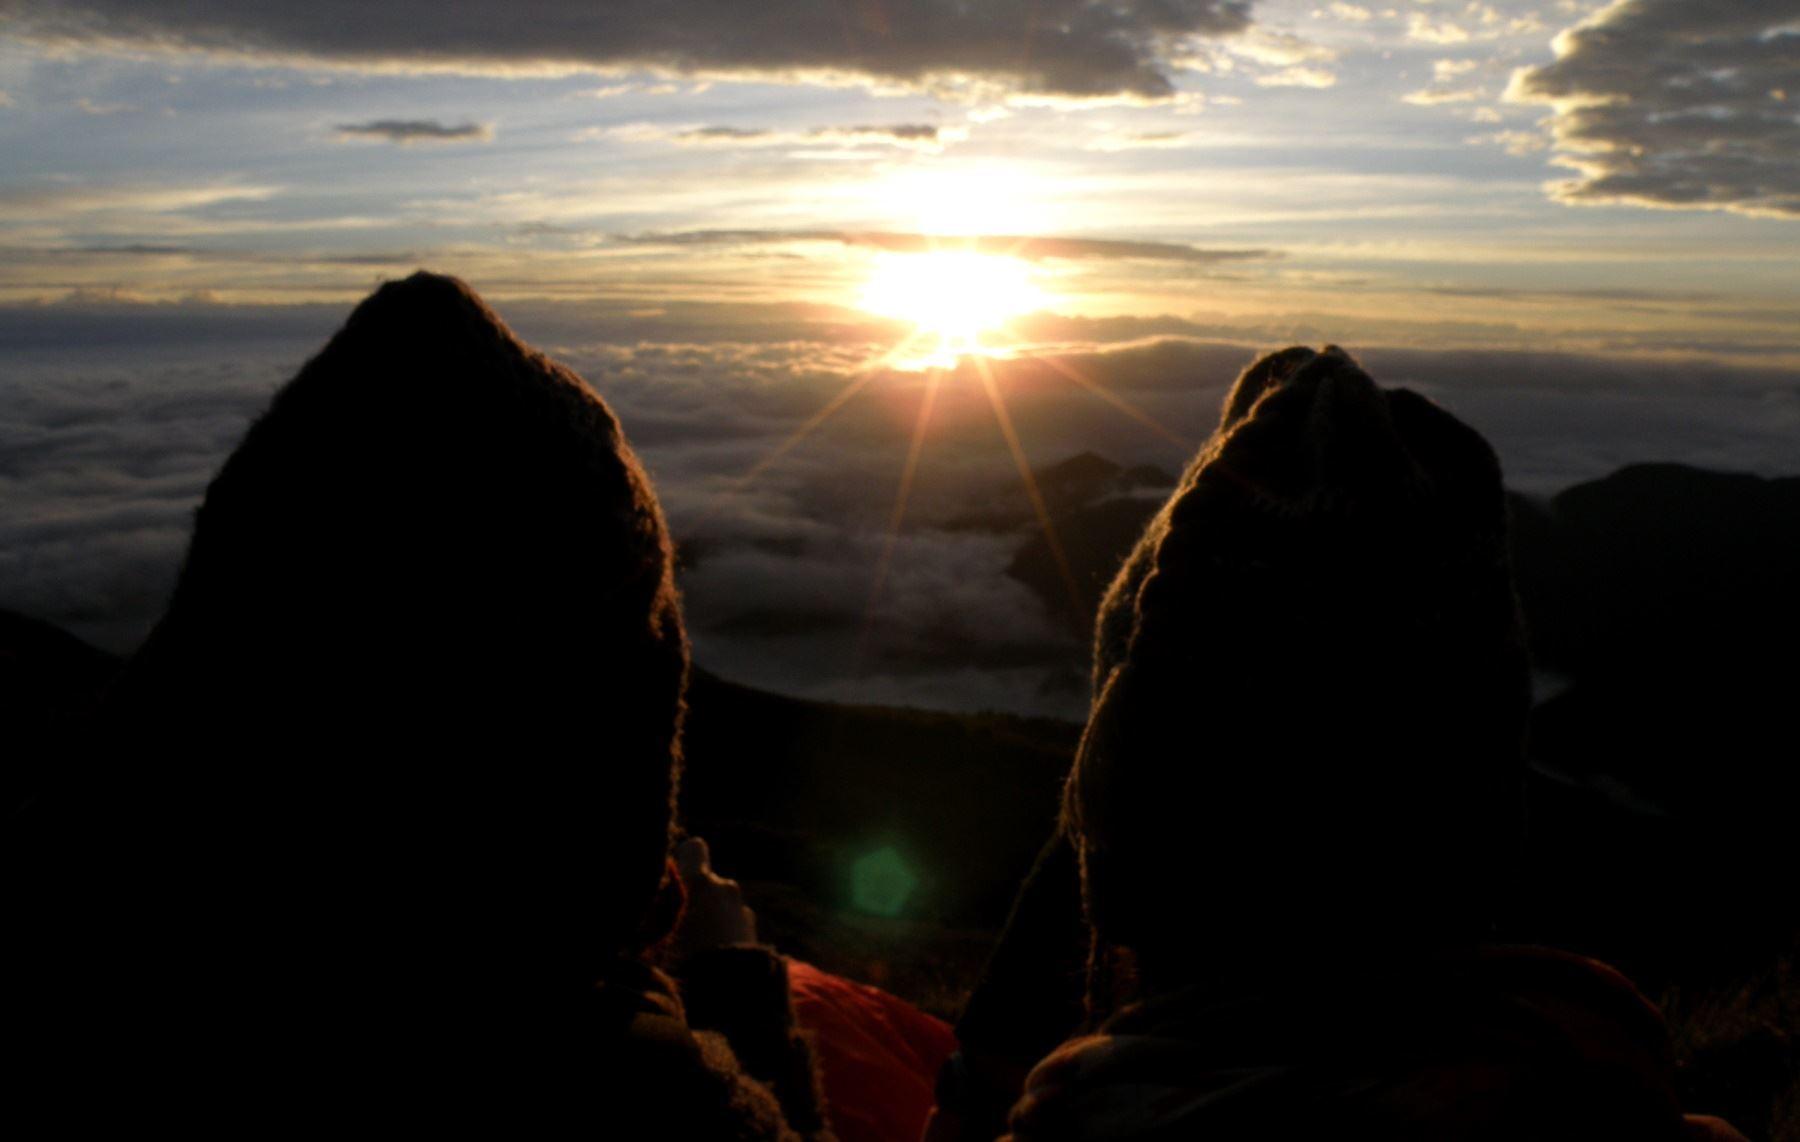 El mirador Tres Cruces, ubicado en la provincia de Paucartambo, es un nuevo destino turístico que ofrece Cusco. ANDINA/Percy Hurtado Santillán